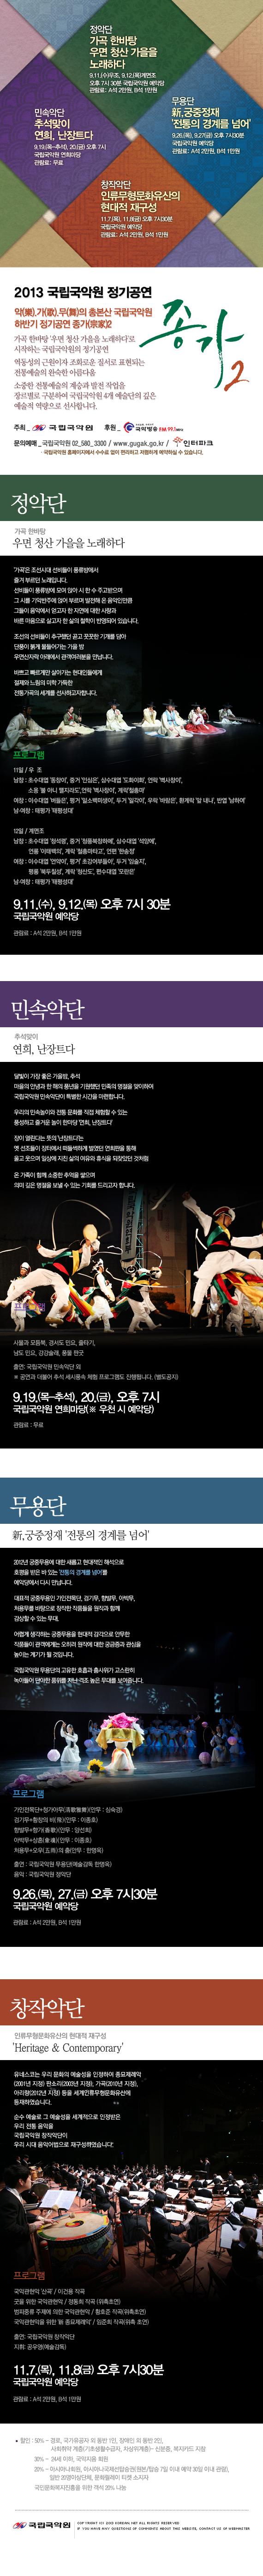 2013 국립국악원 정기공연-종가